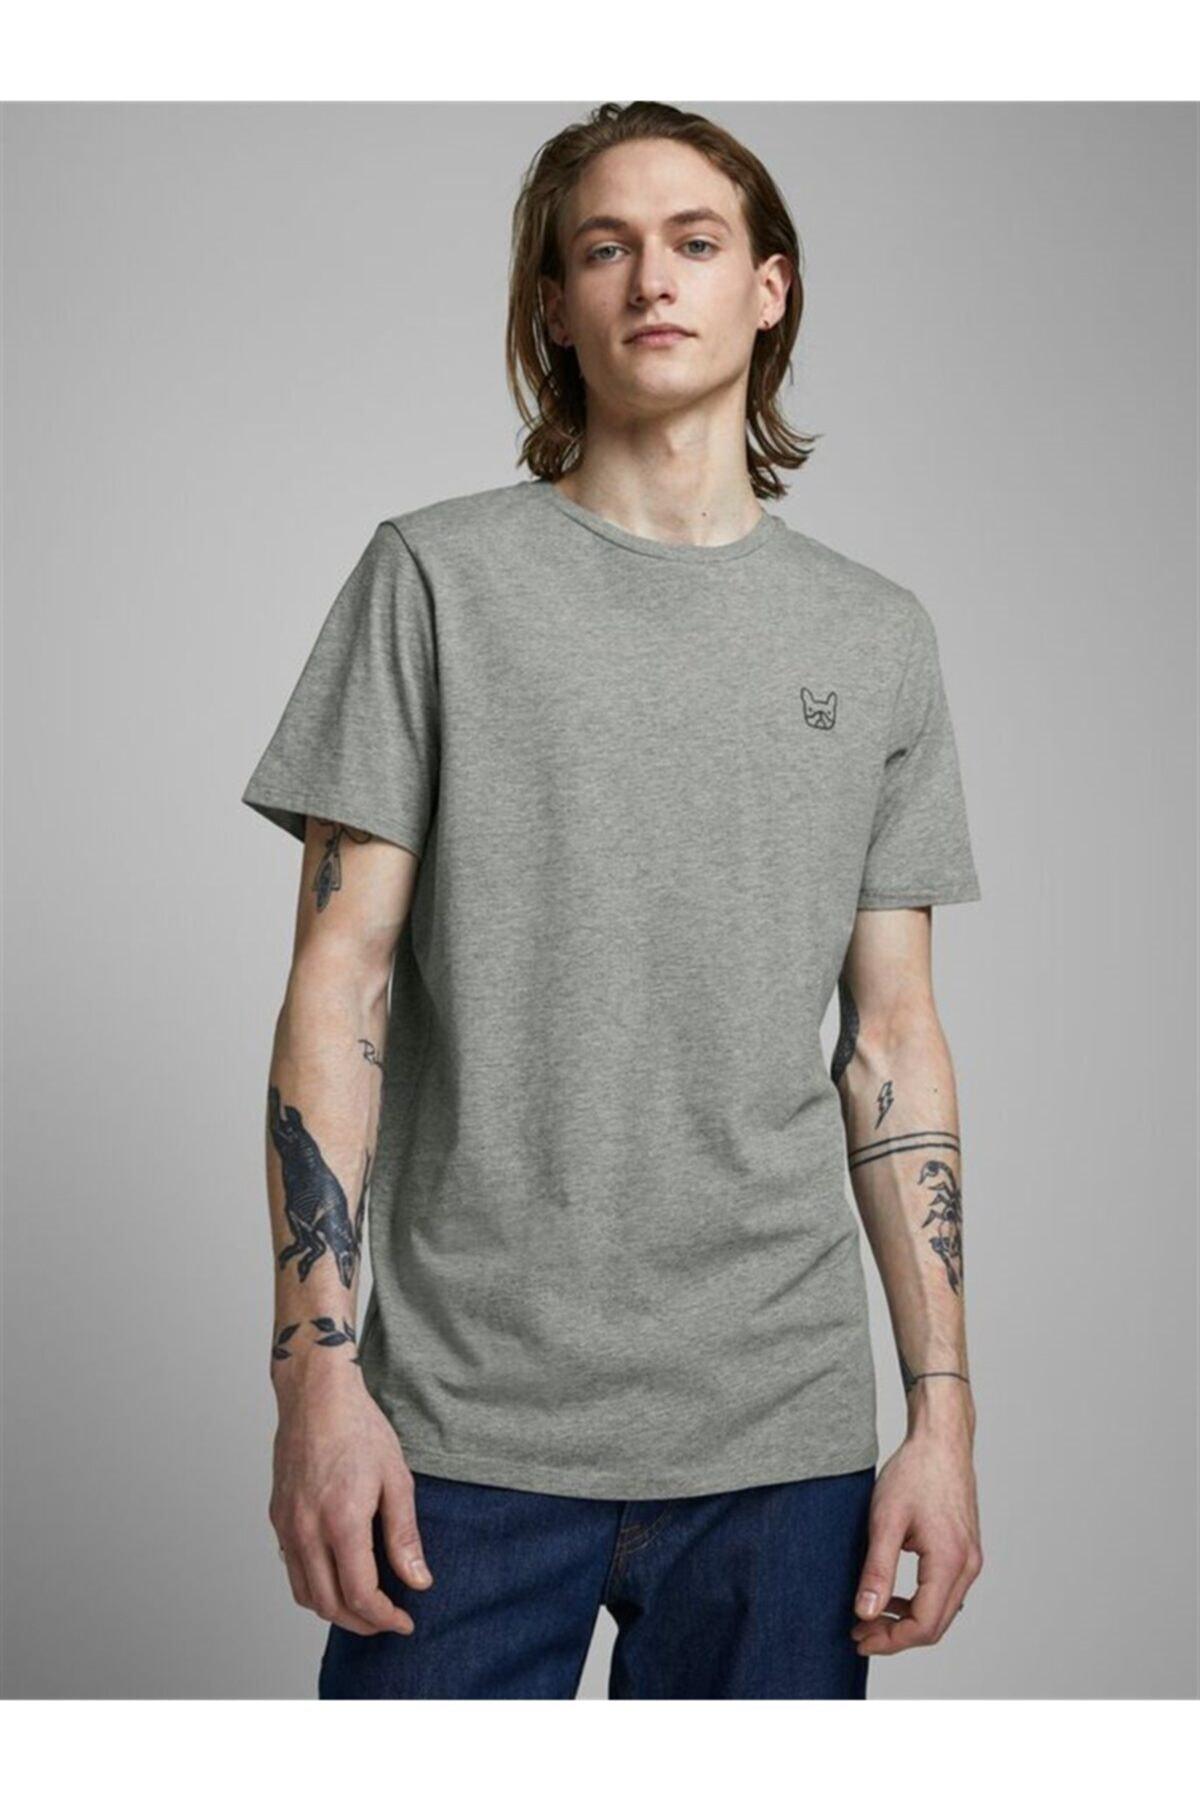 L,XL,XXL Jack /& Jones Men/'s T-Shirt 3D-LOGO Jcolarist Black S,M